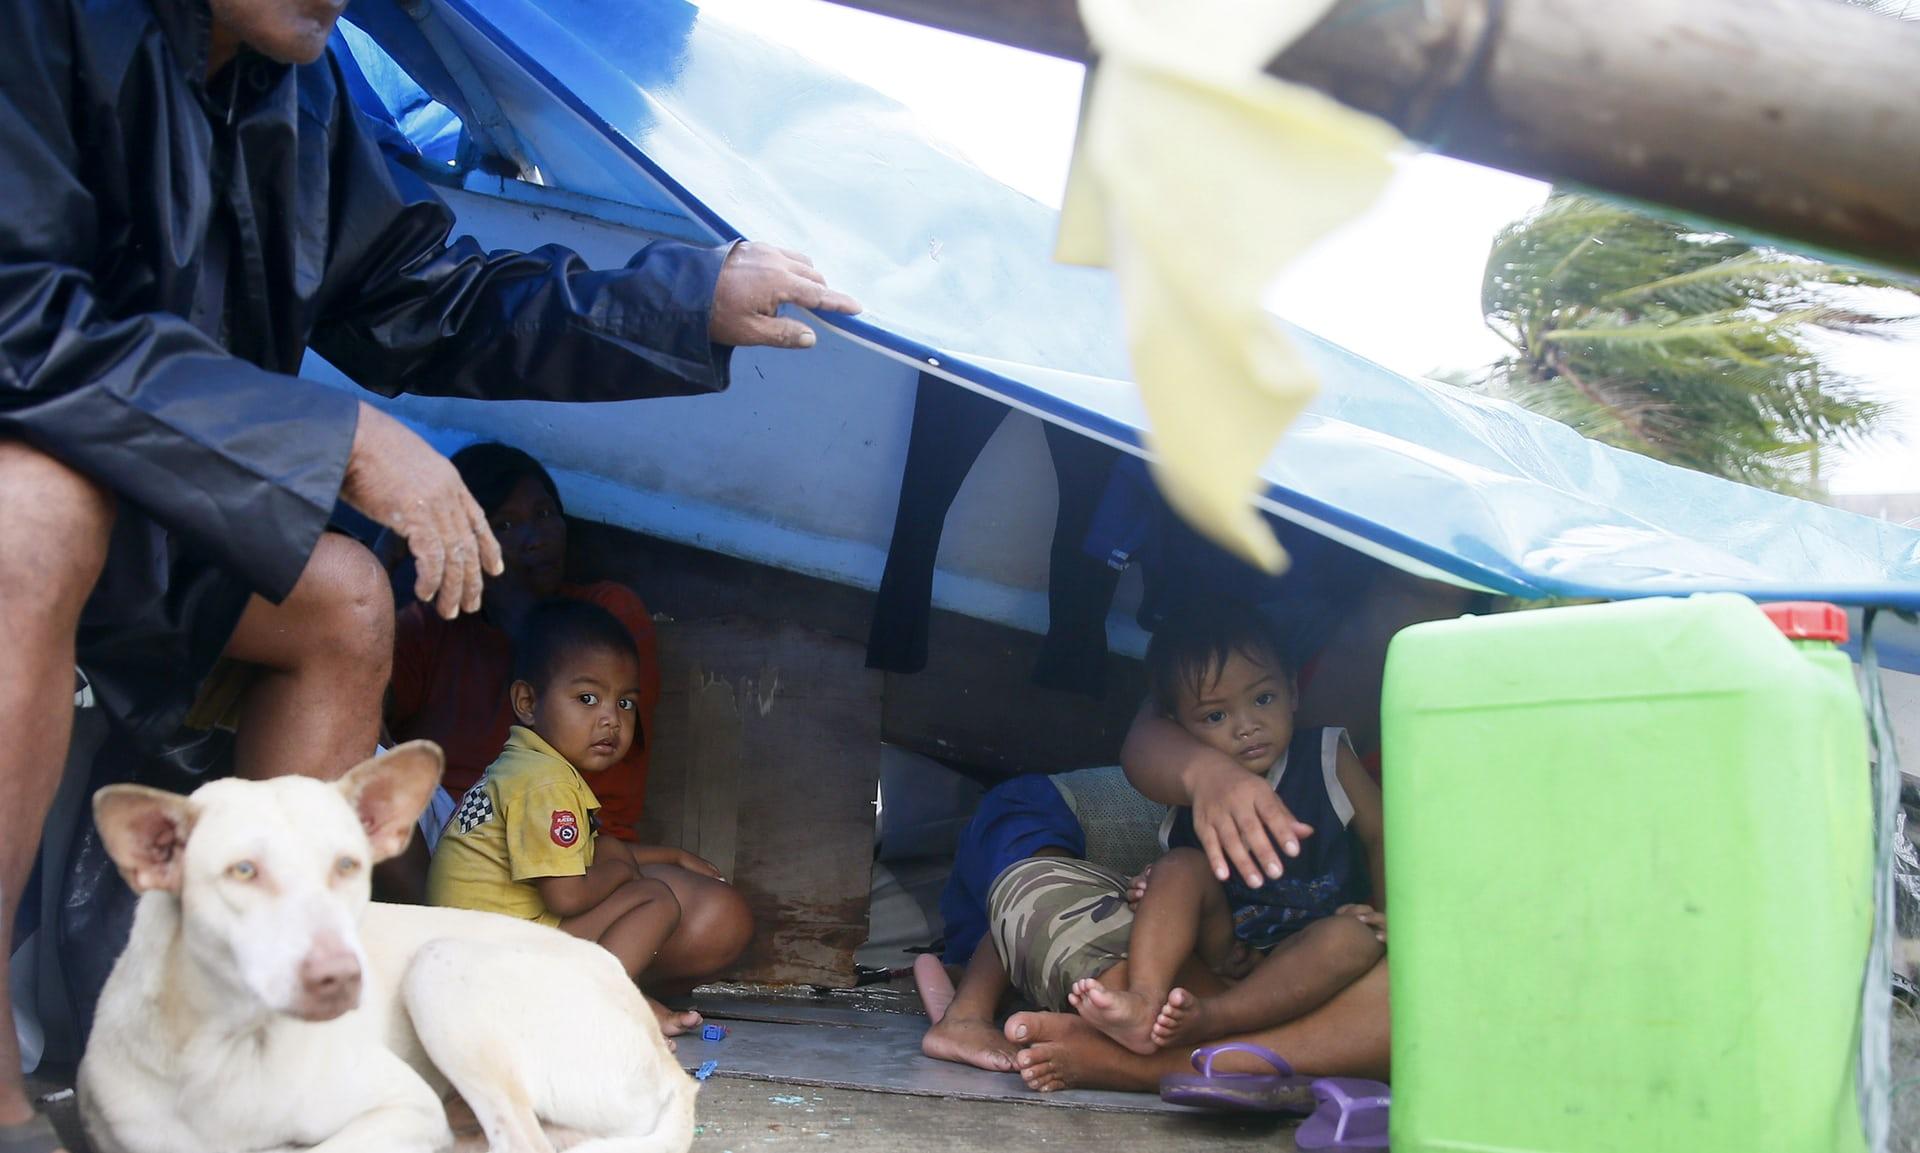 200 قتيل جراء عاصفة الفيليبين وضحايا في حريق في مركز تجاري2